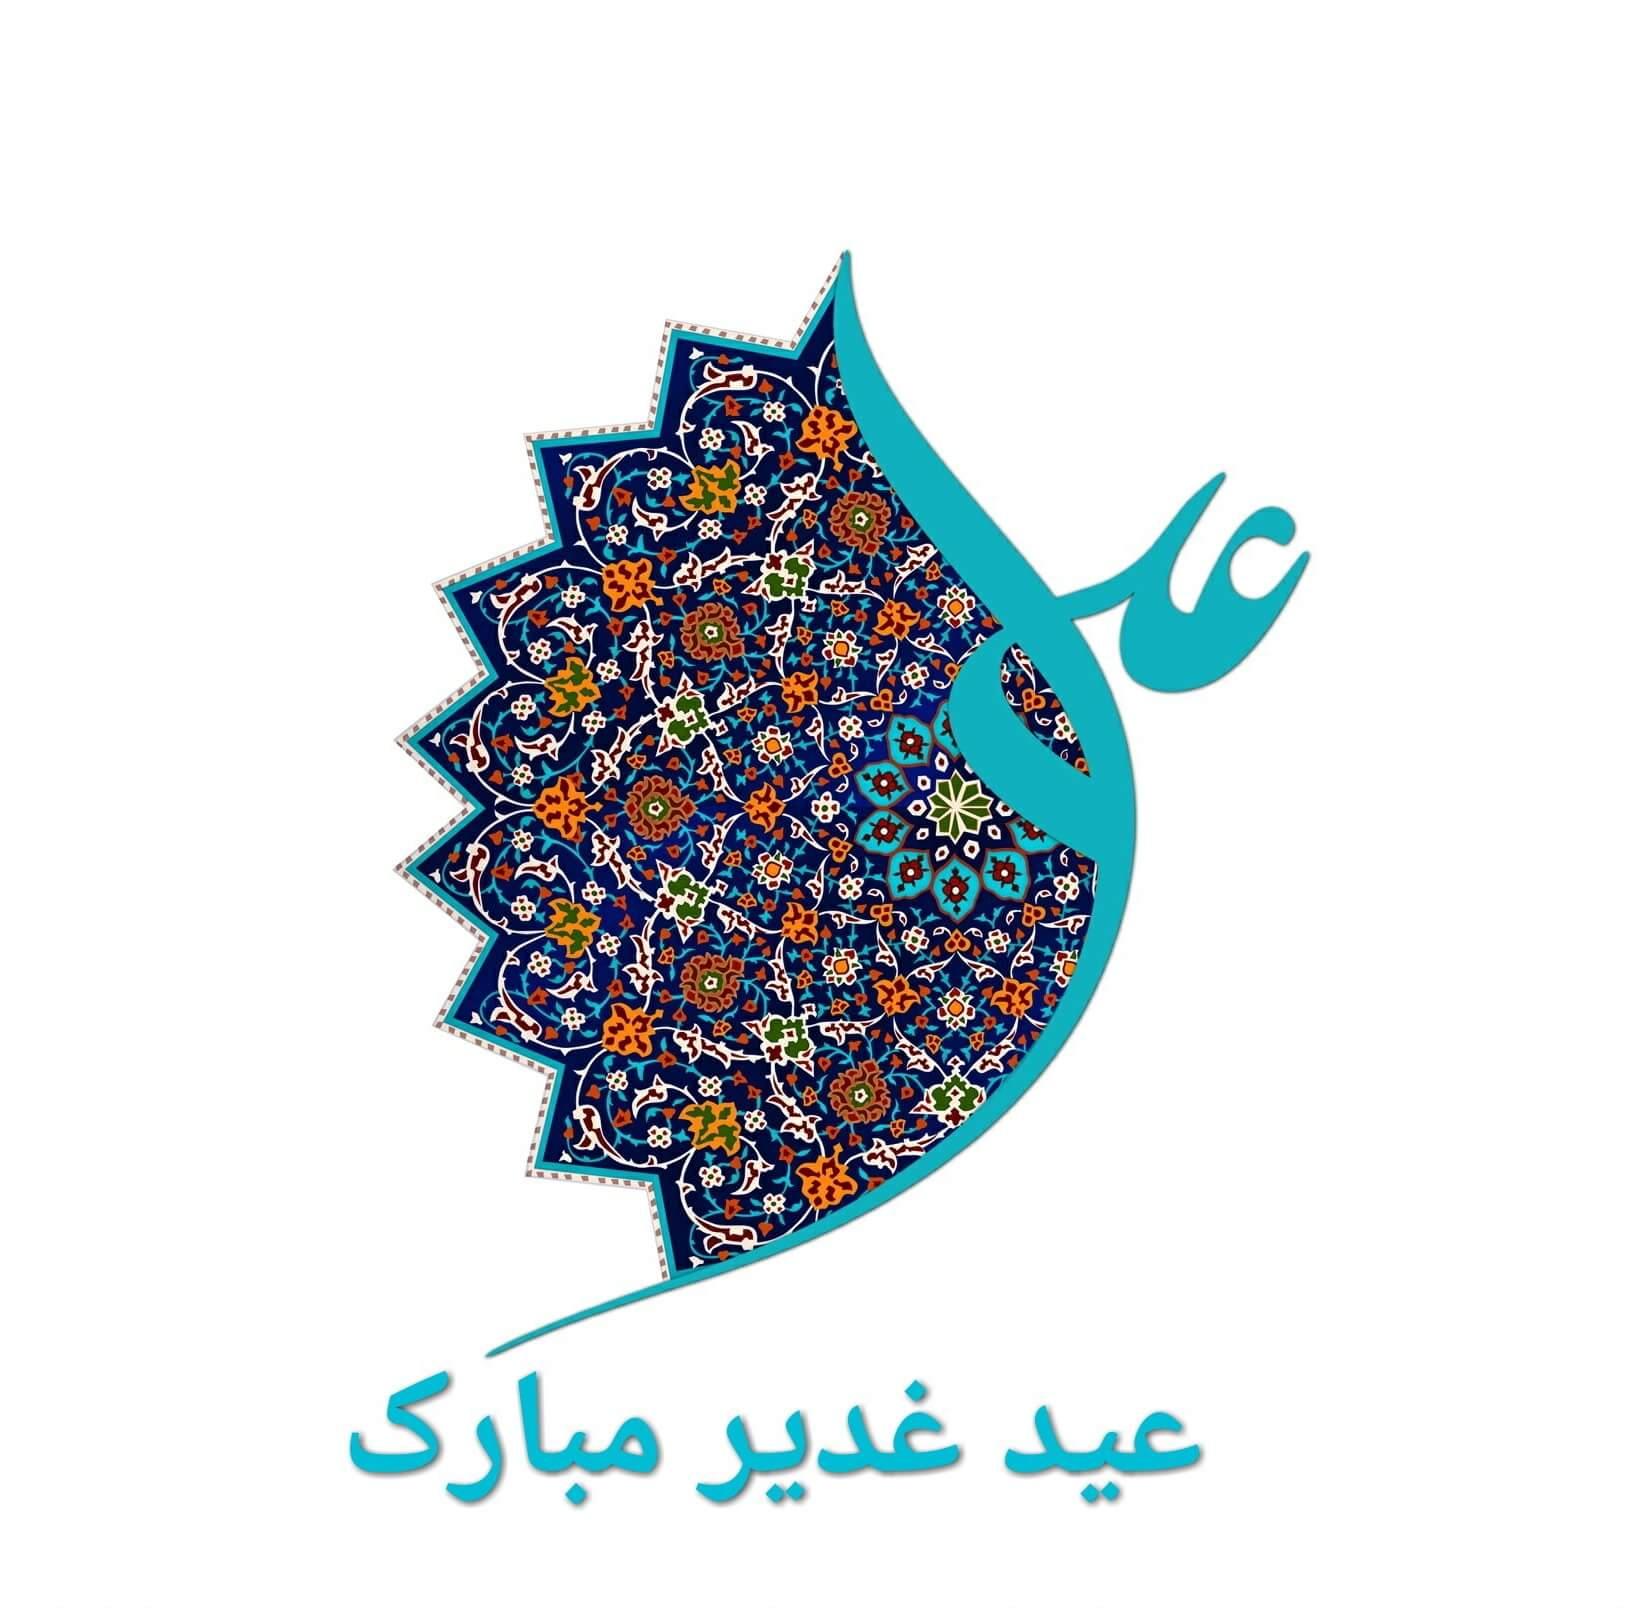 عکس متحرک عید غدیر مبارک